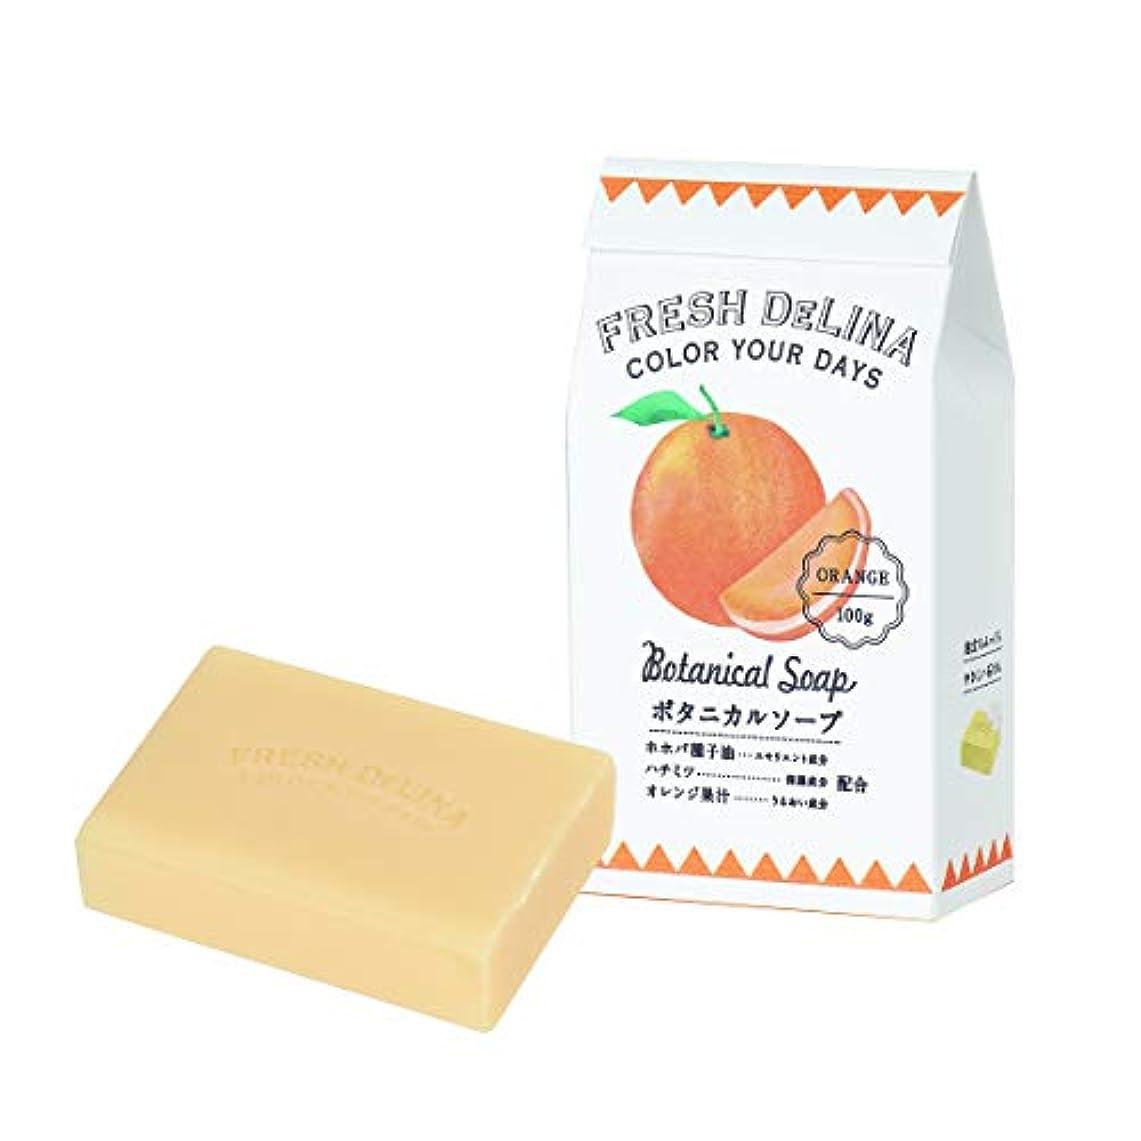 二年生準備するアスペクトフレッシュデリーナ ボタニカルソープ オレンジ 100g